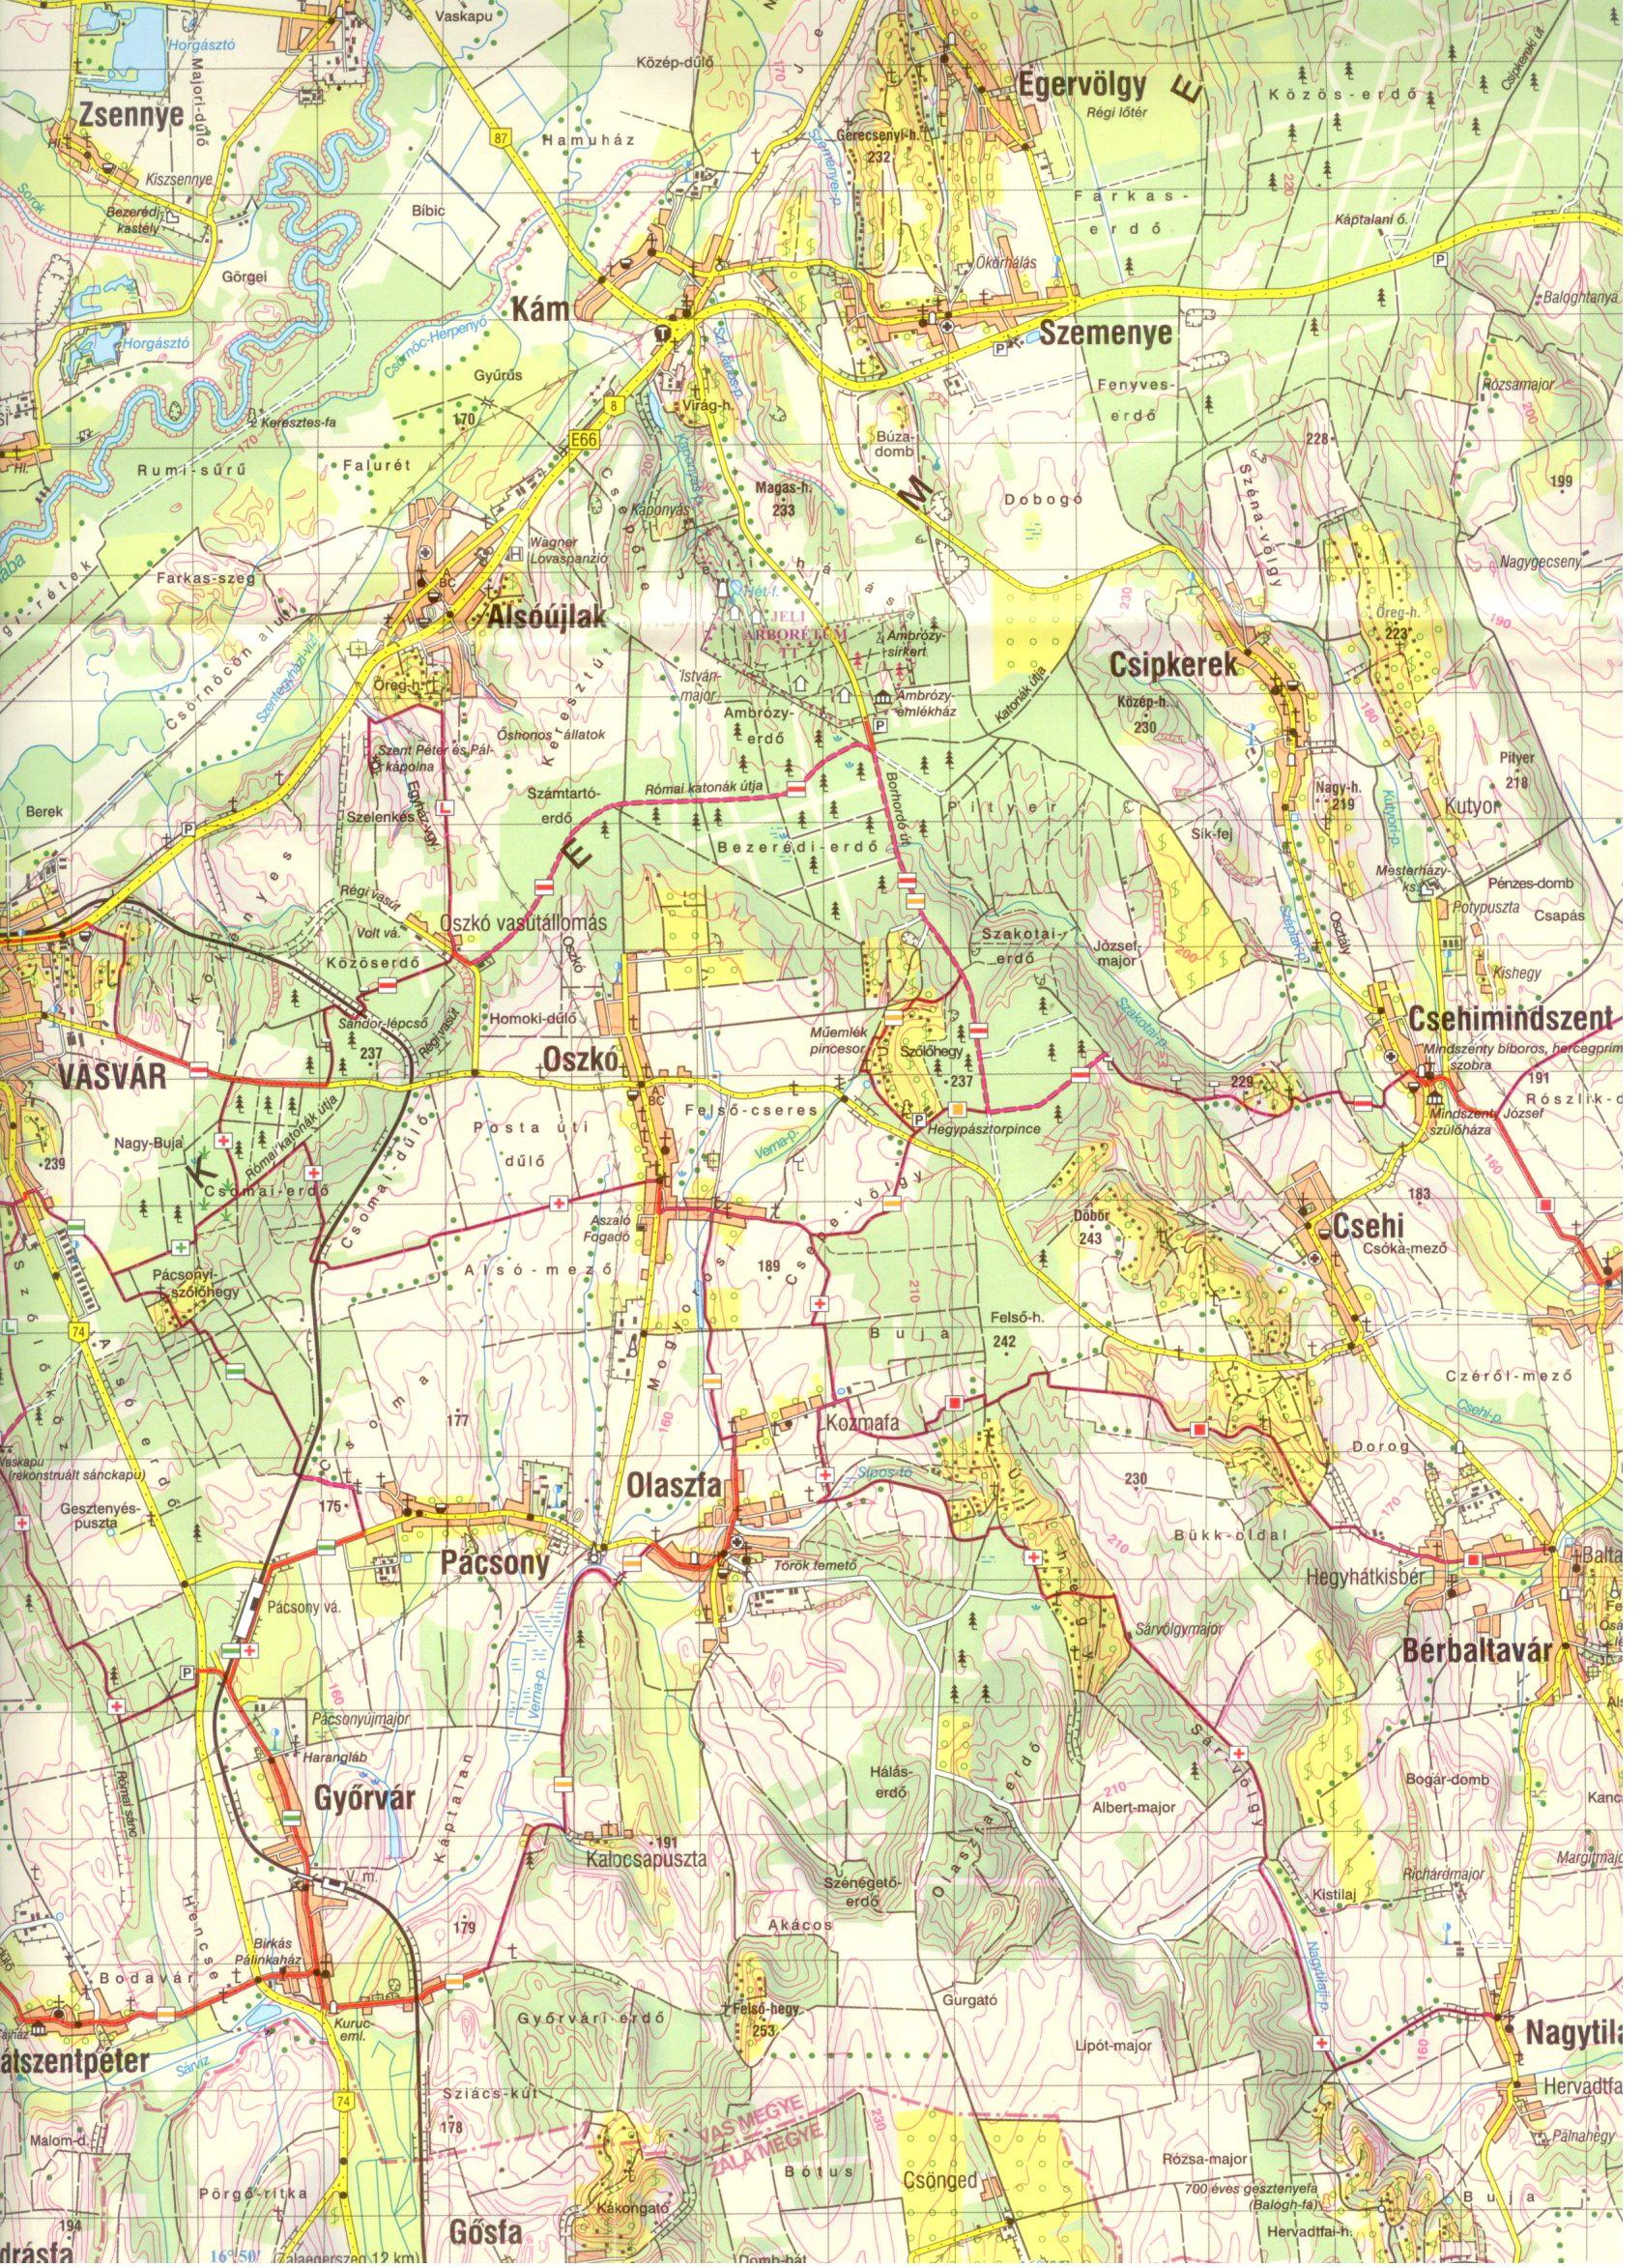 Kemenshát: térképminta